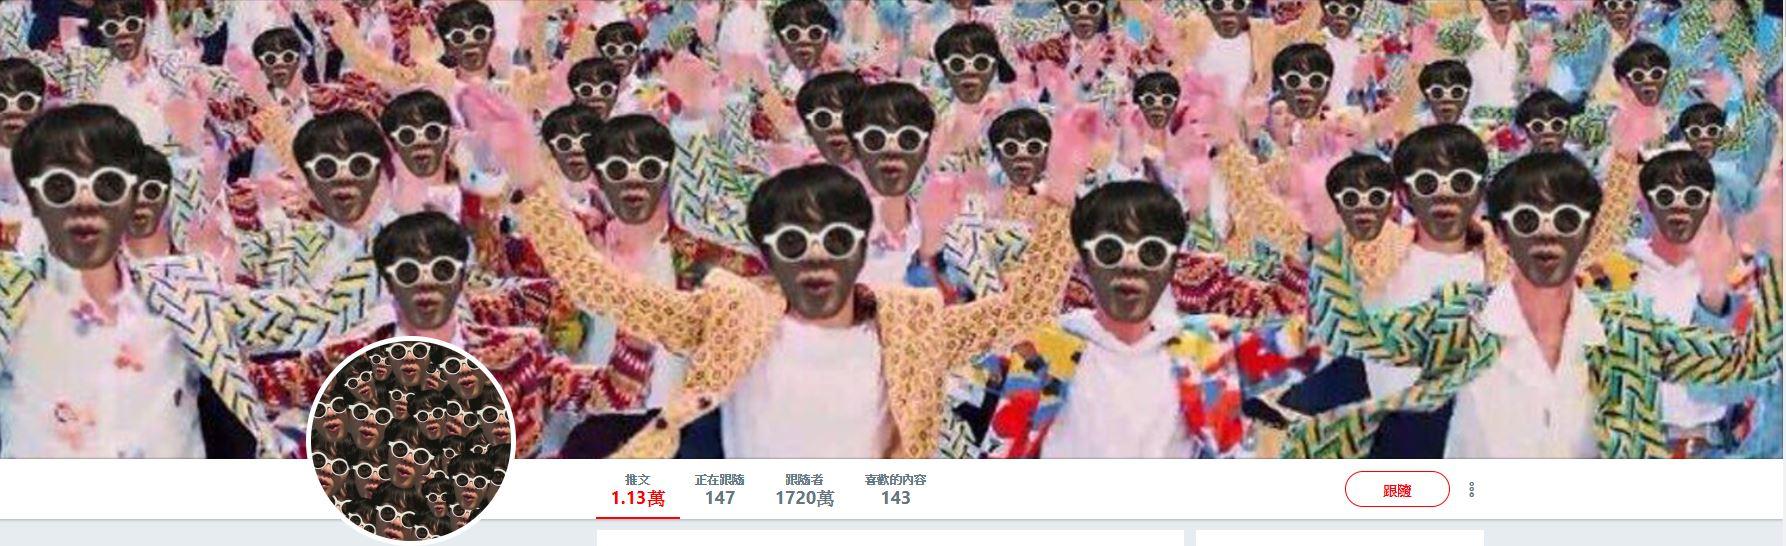 除了成員們各自祝大哥Jin生日快樂,連防彈twitter的封面和大頭貼照都換成Jin的圖片,特製版的墨鏡合成圖玩弄大哥的各種小花招,再次讓大家看到防彈彼此之間的好感情。